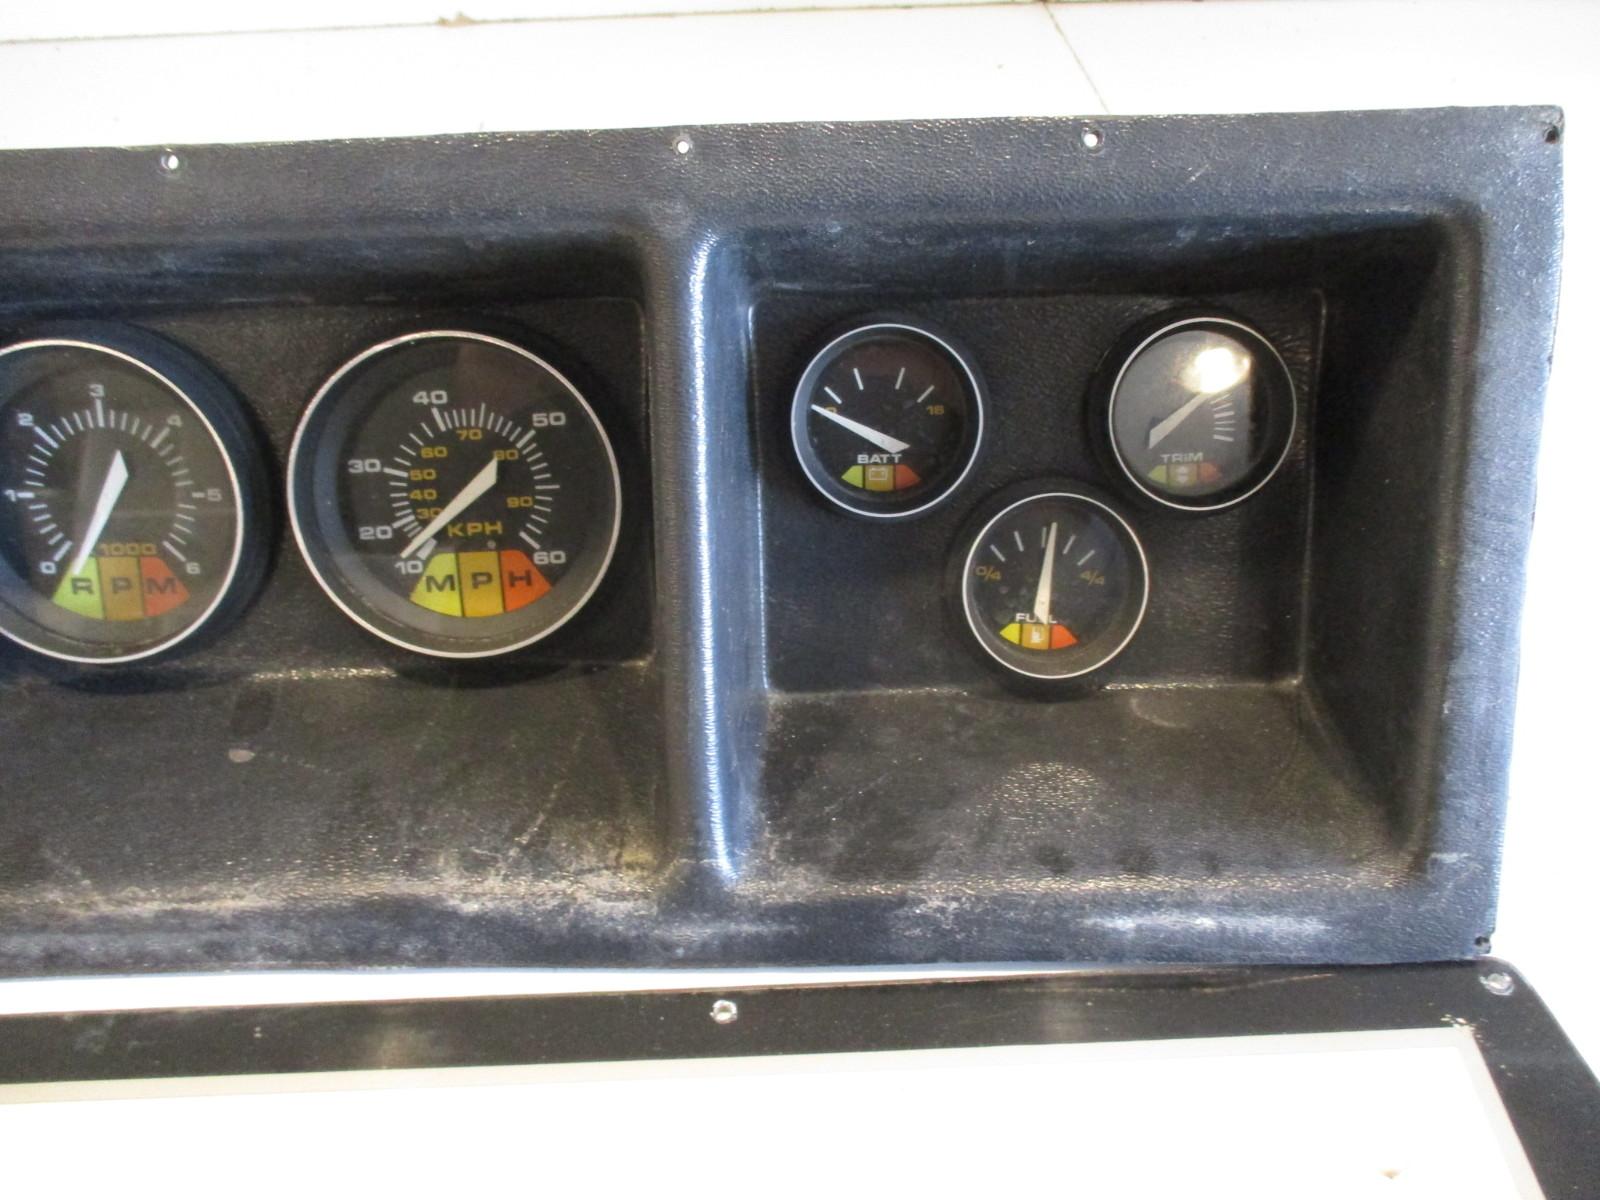 Boat Instrument Panel : Regal empress xl boat dash panel gauges instrument